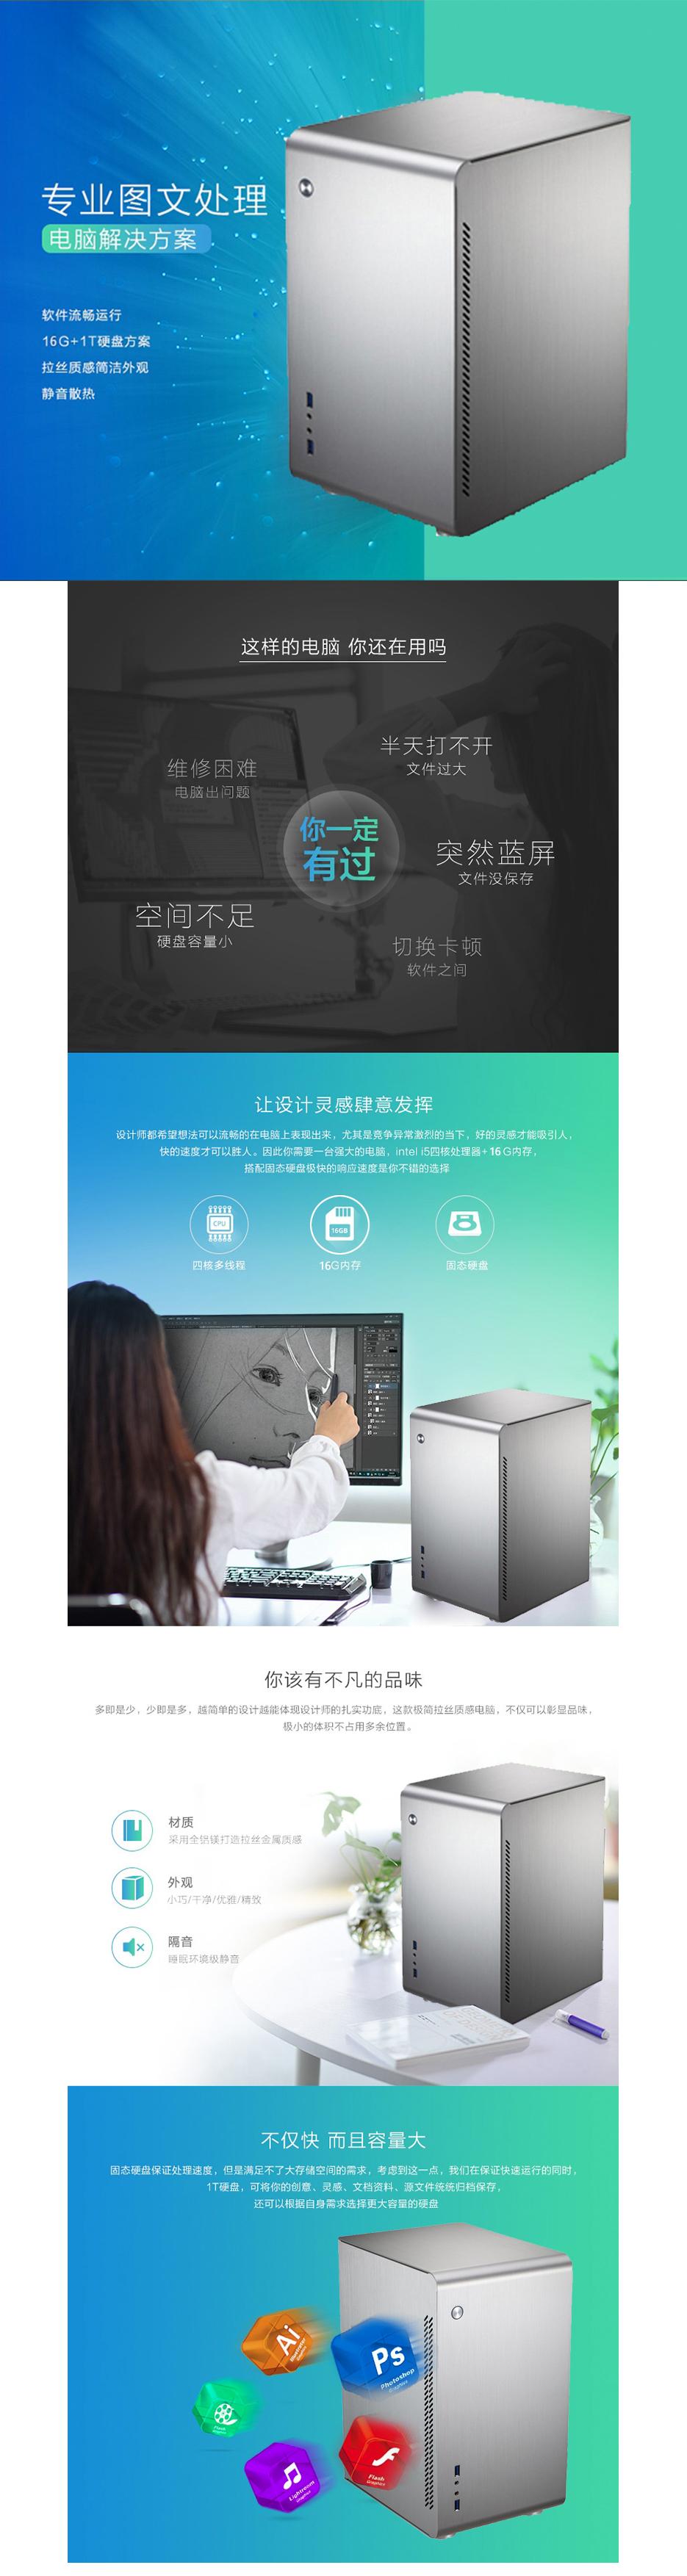 新至盛云-专业美工图形平面设计主机租赁台式机电脑租赁I7/16G/1T/独显